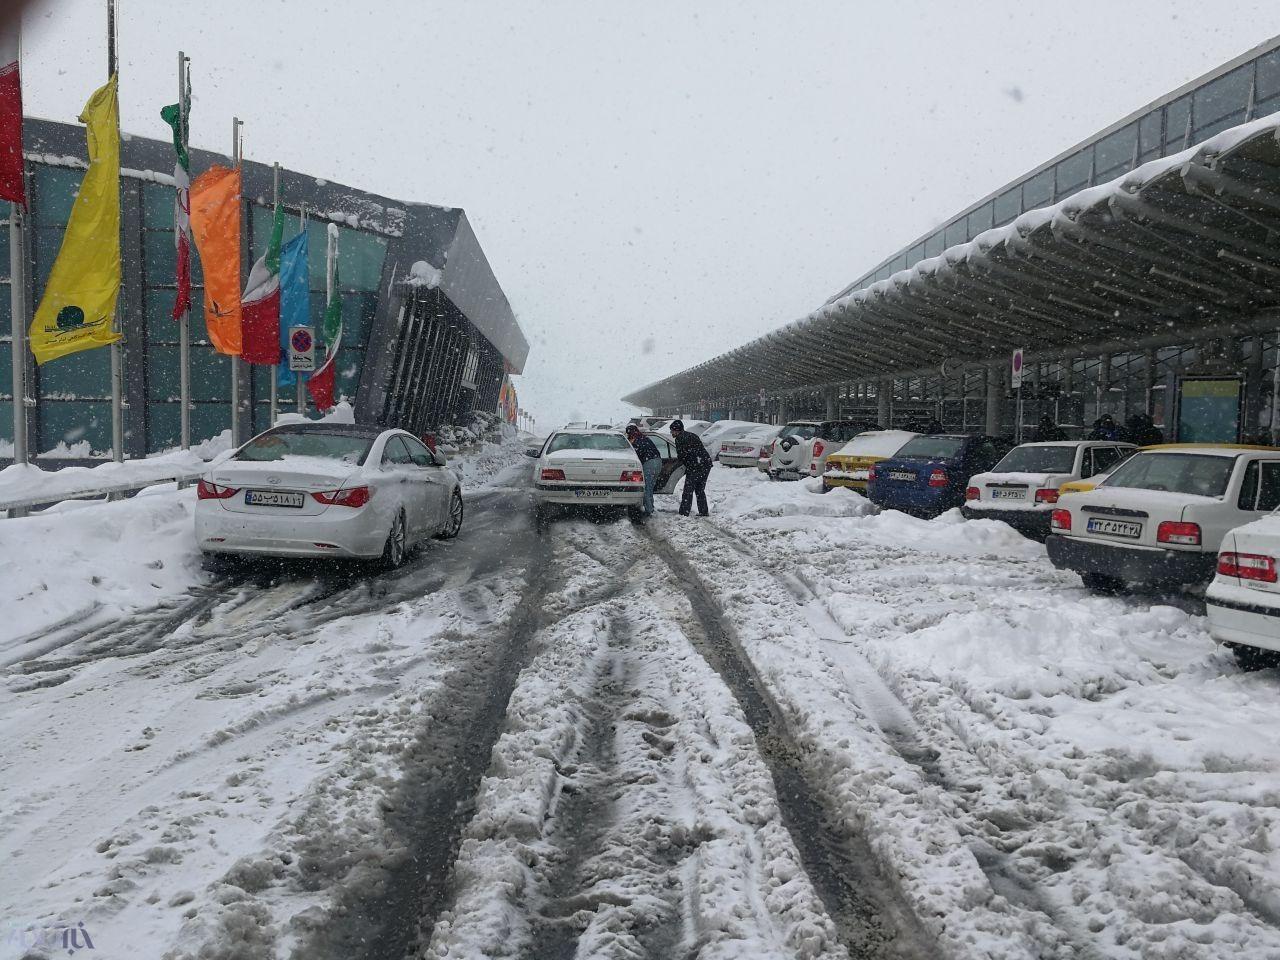 کرایه فرودگاه امامخمینی تا تهران 1 میلیون تومان شد!